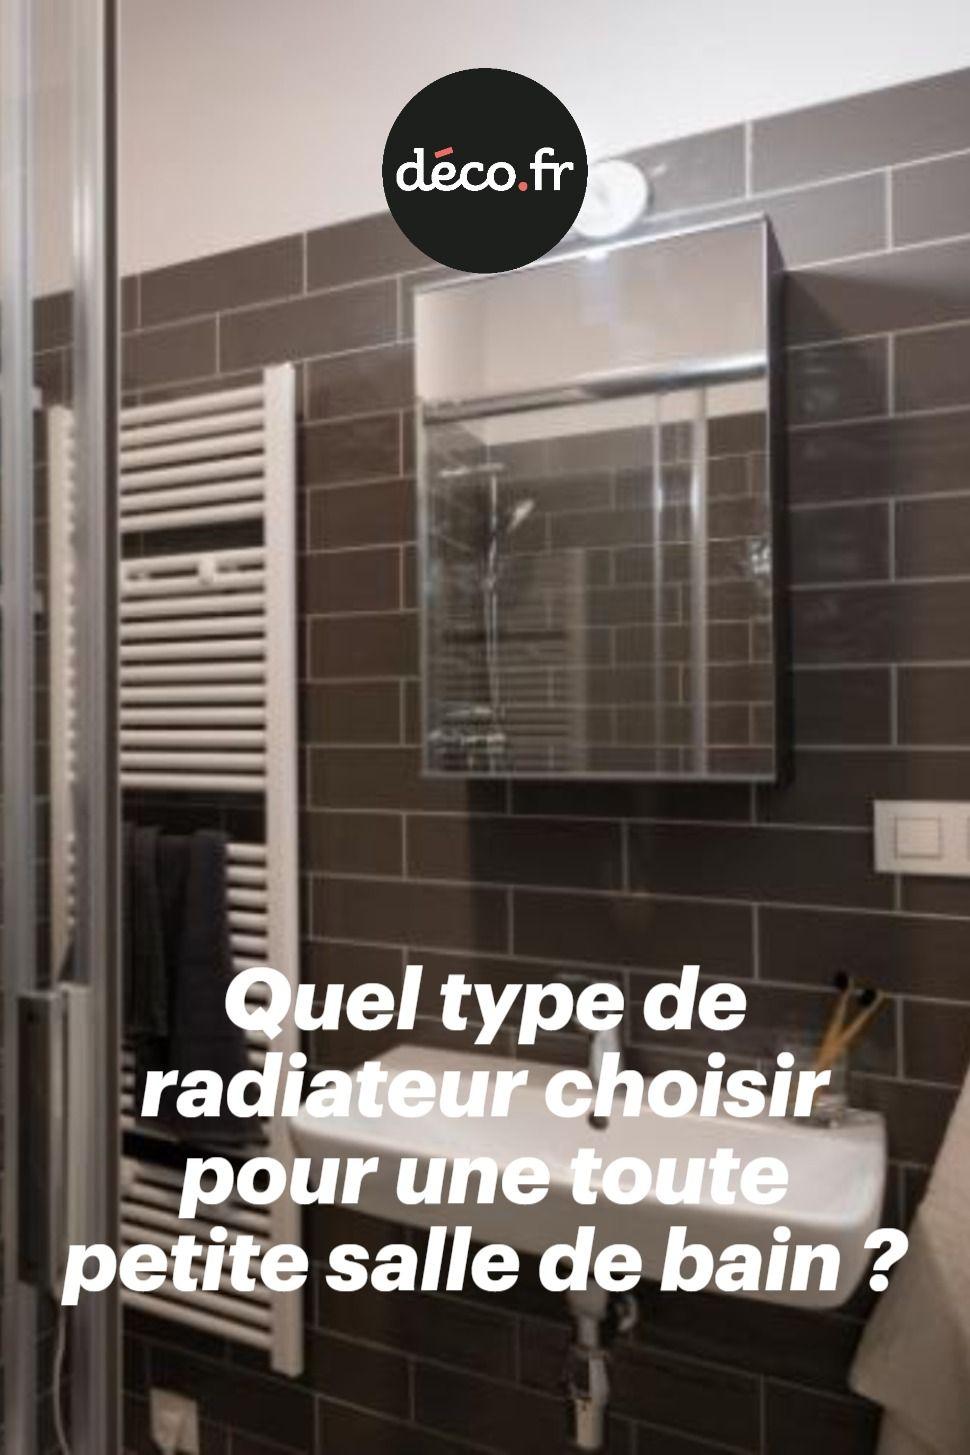 Quel Type De Radiateur Choisir Pour Une Toute Petite Salle De Bain Petite Salle De Bain Petite Salle Salle De Bain